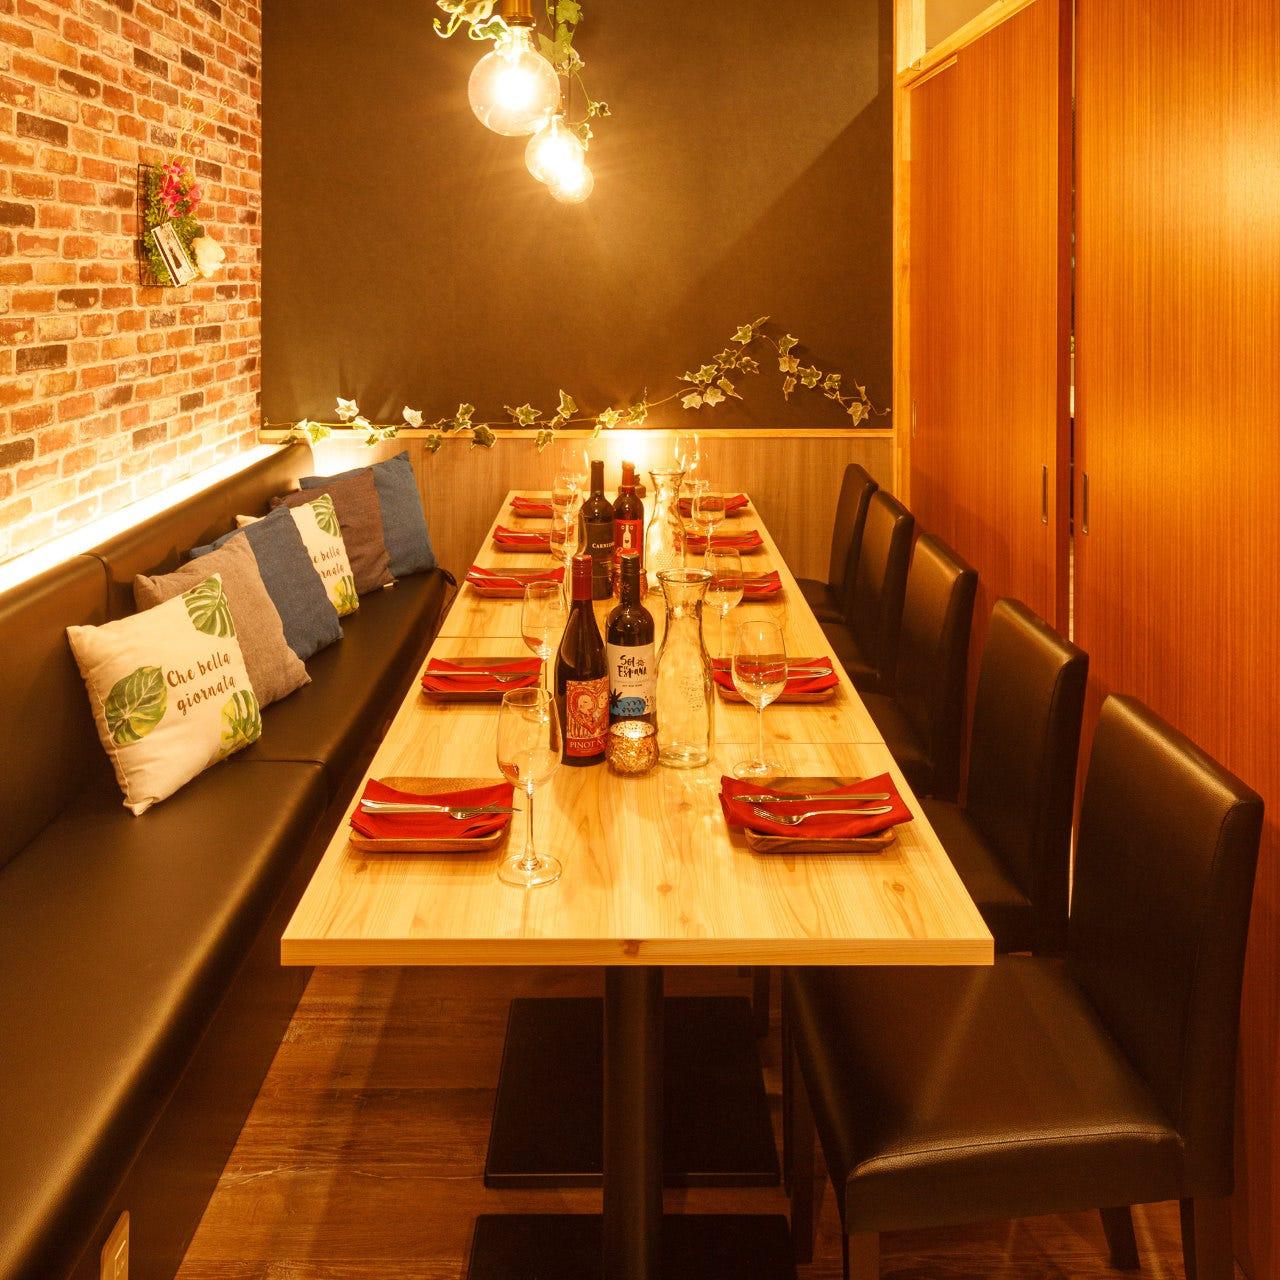 姫路での食事会やデートにも最適です◎記念日のディナーに!